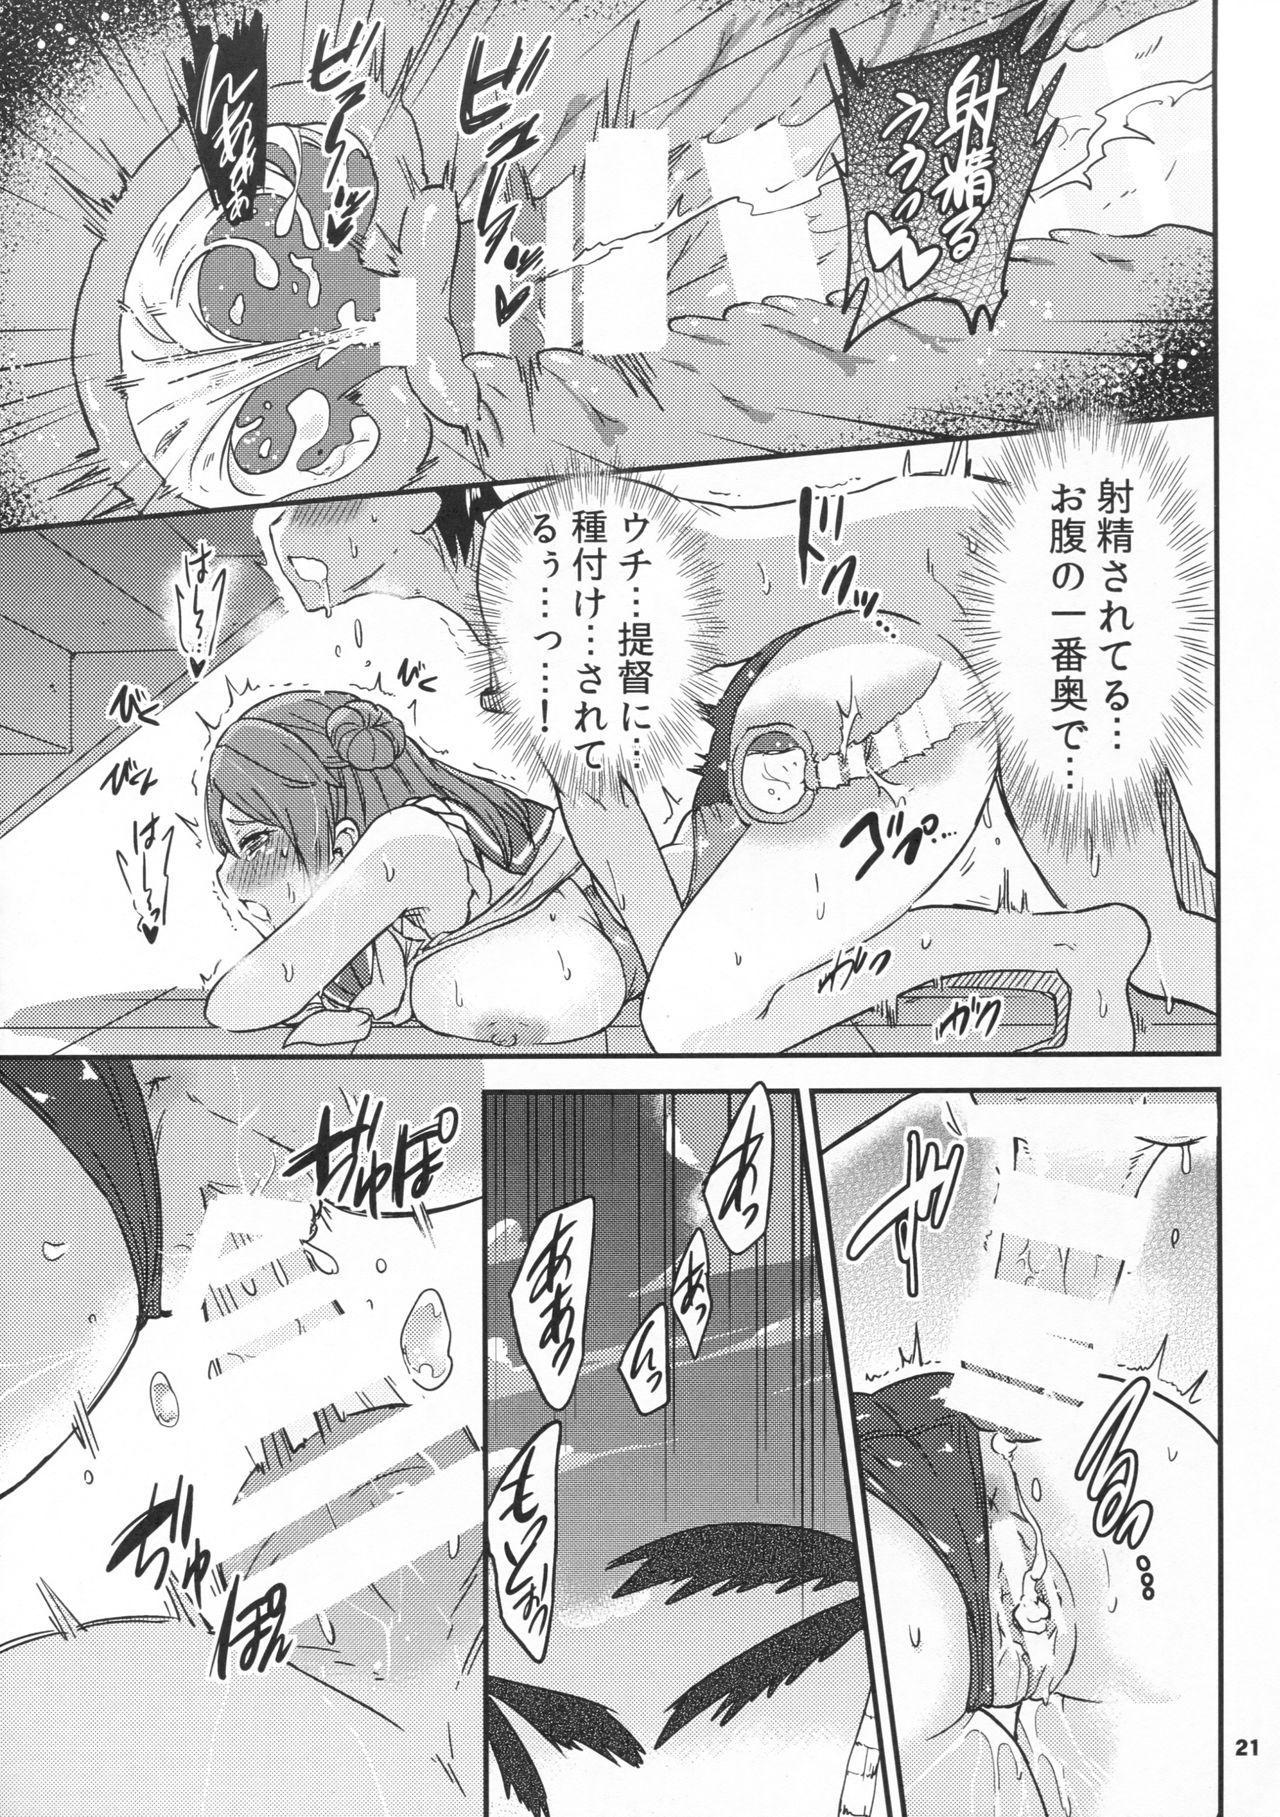 Hamakaze mo! Urakaze mo! Shimin Pool 3P Kouryakusen 21